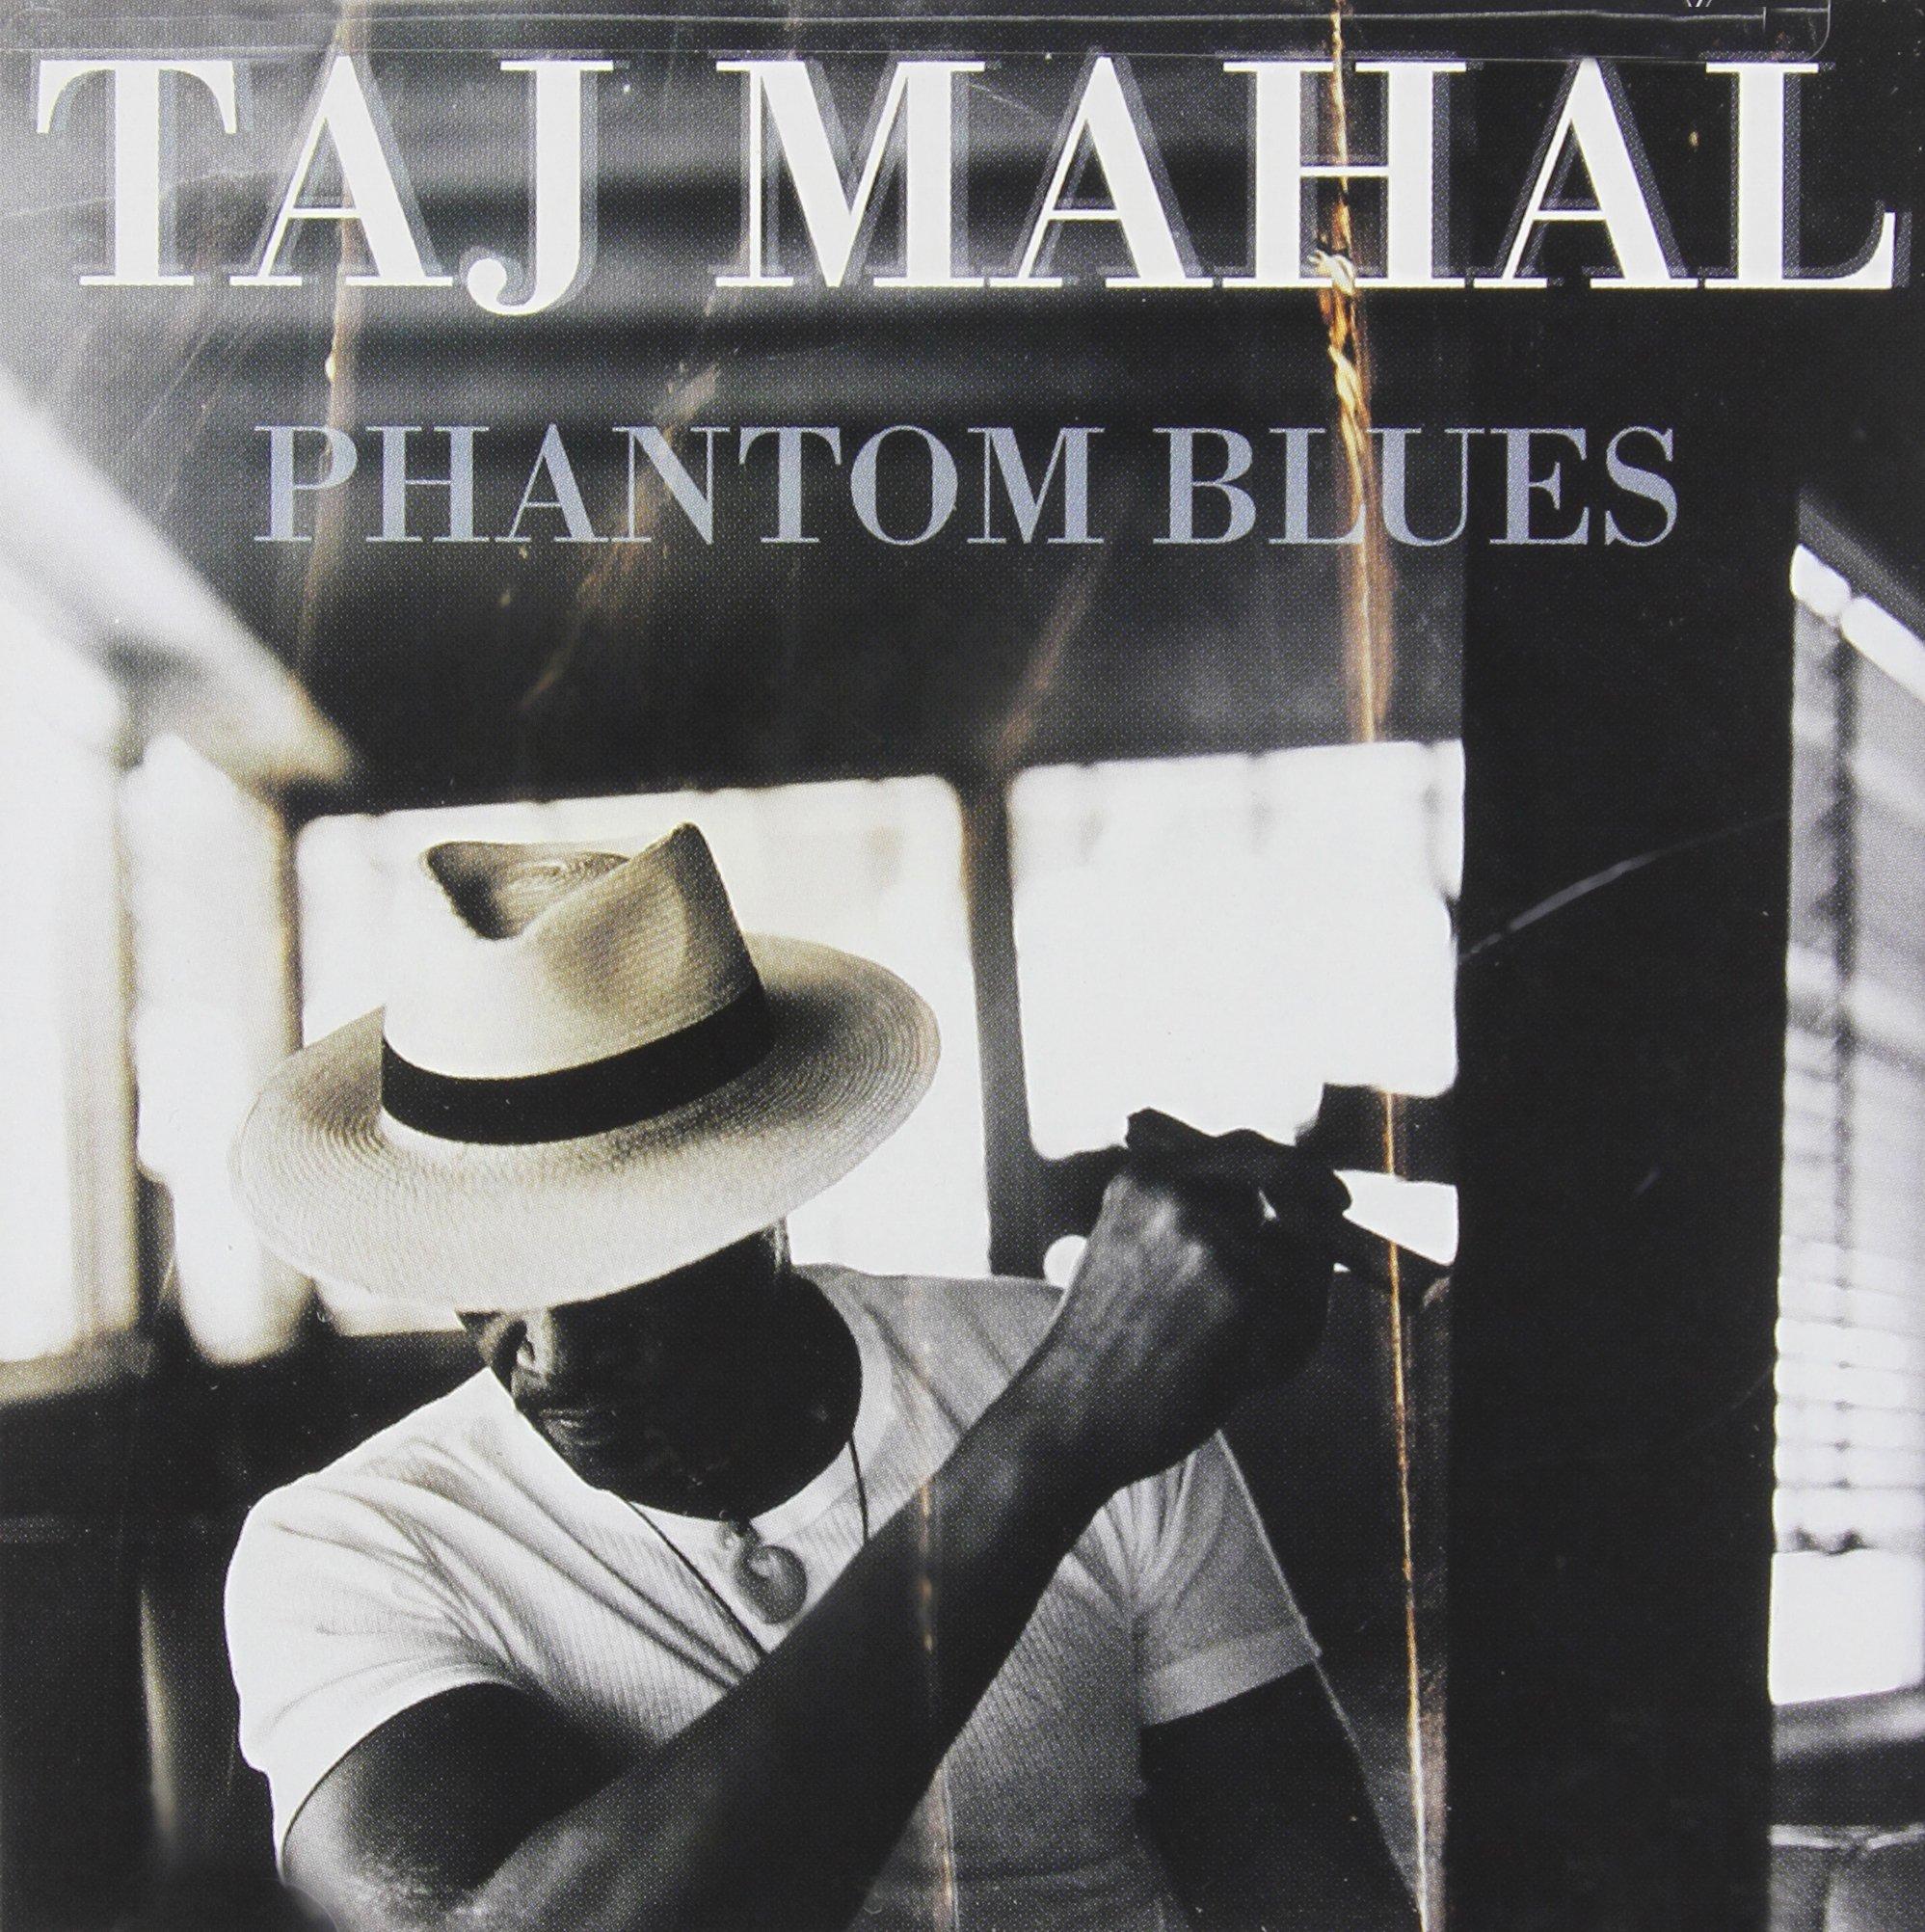 Taj Mahal - Phantom Blues (1996) [FLAC] Download